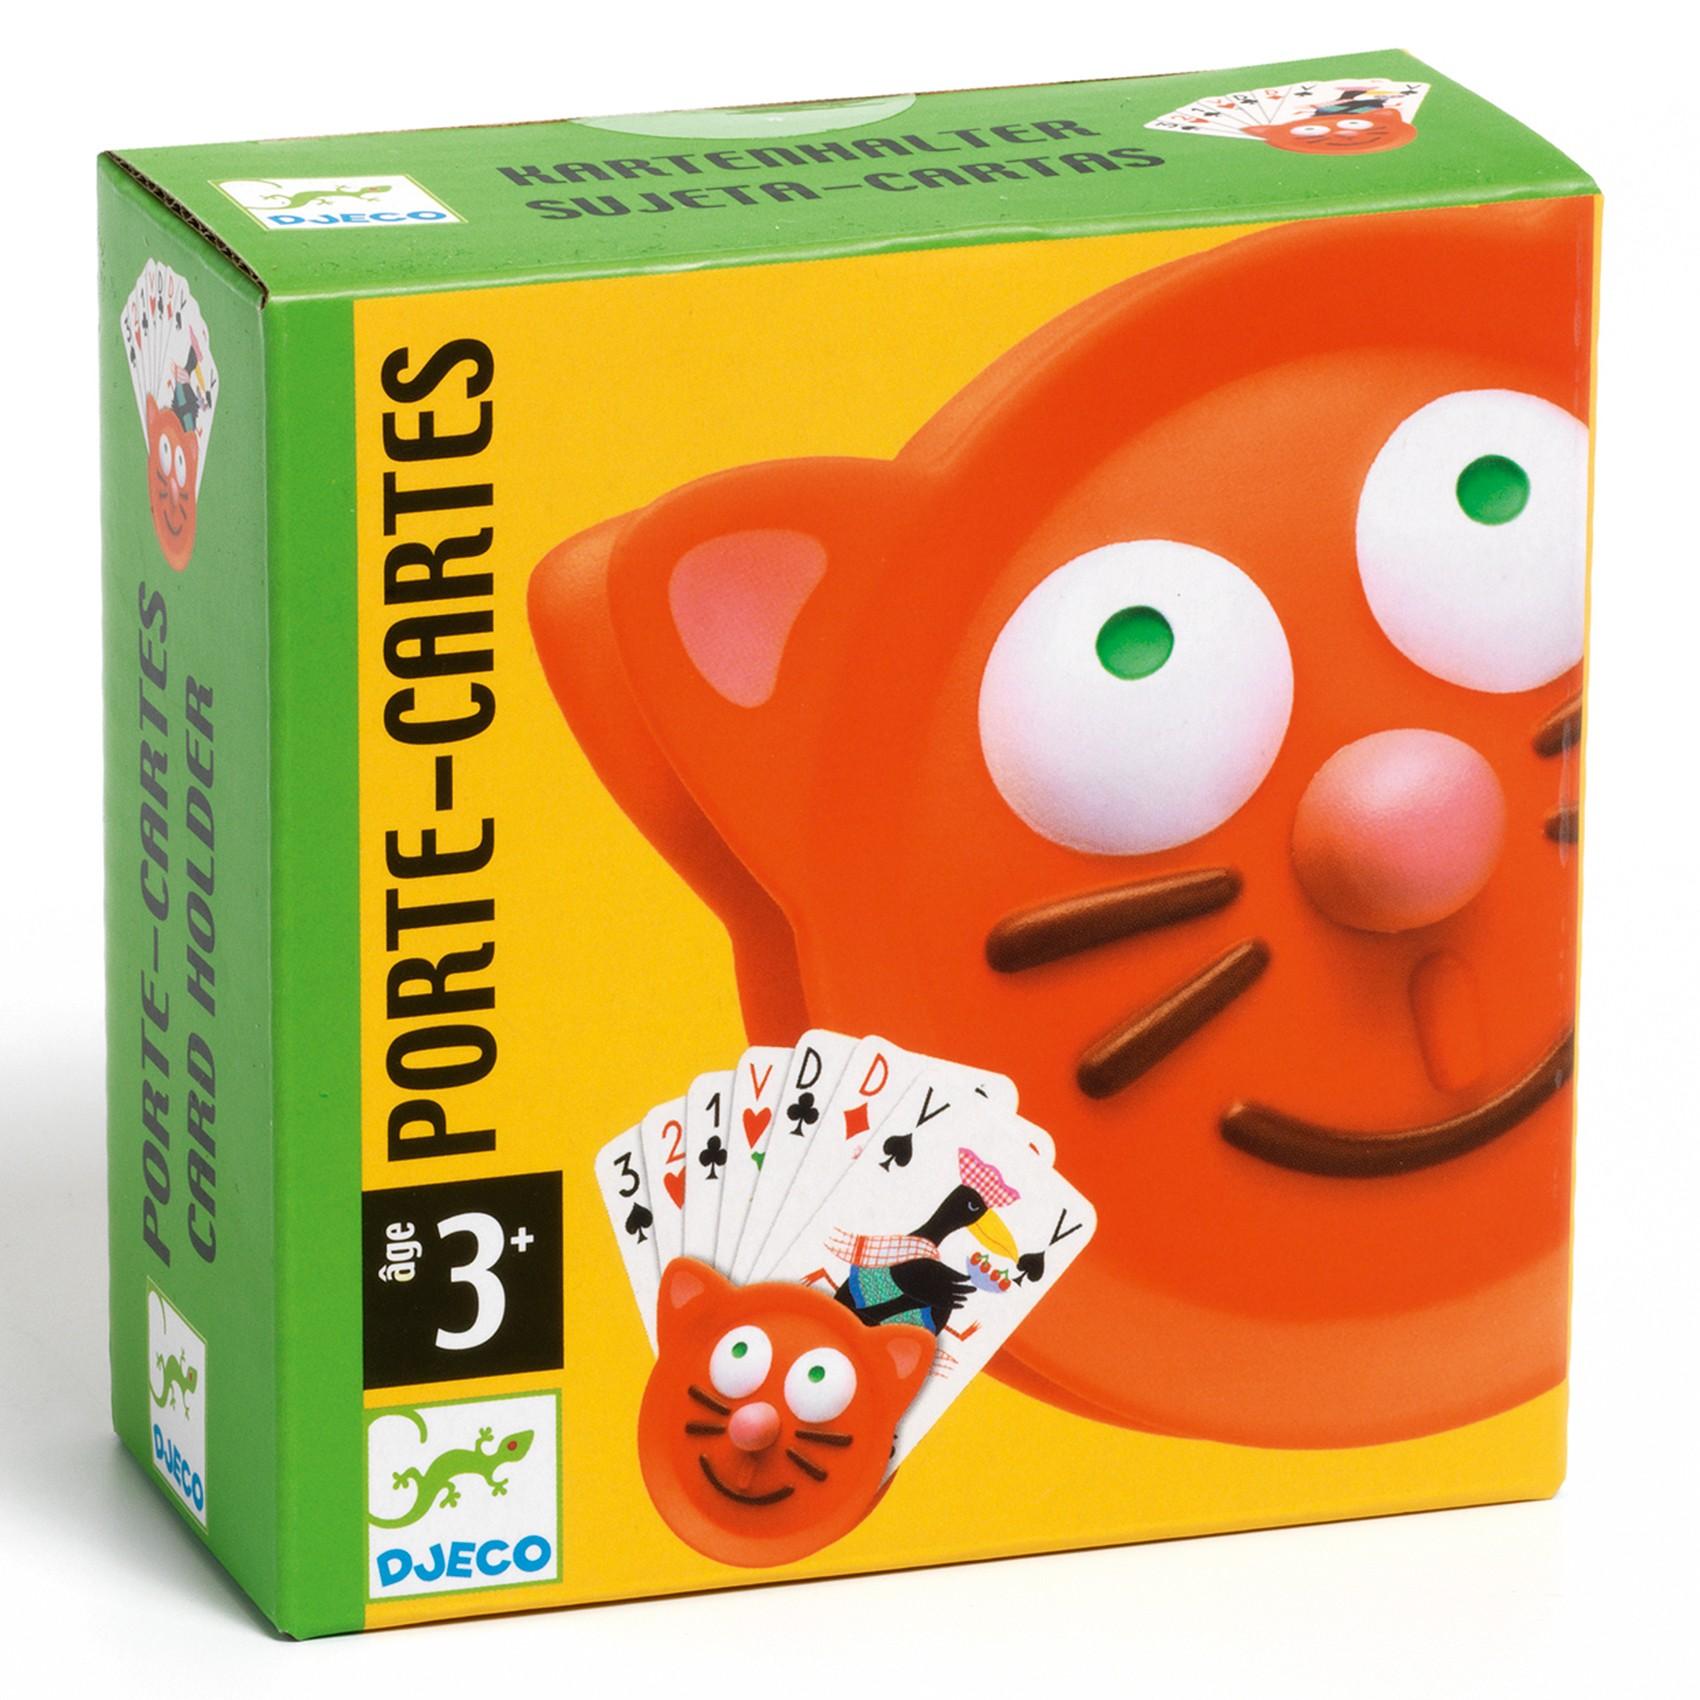 Djeco - Porte cartes Djeco